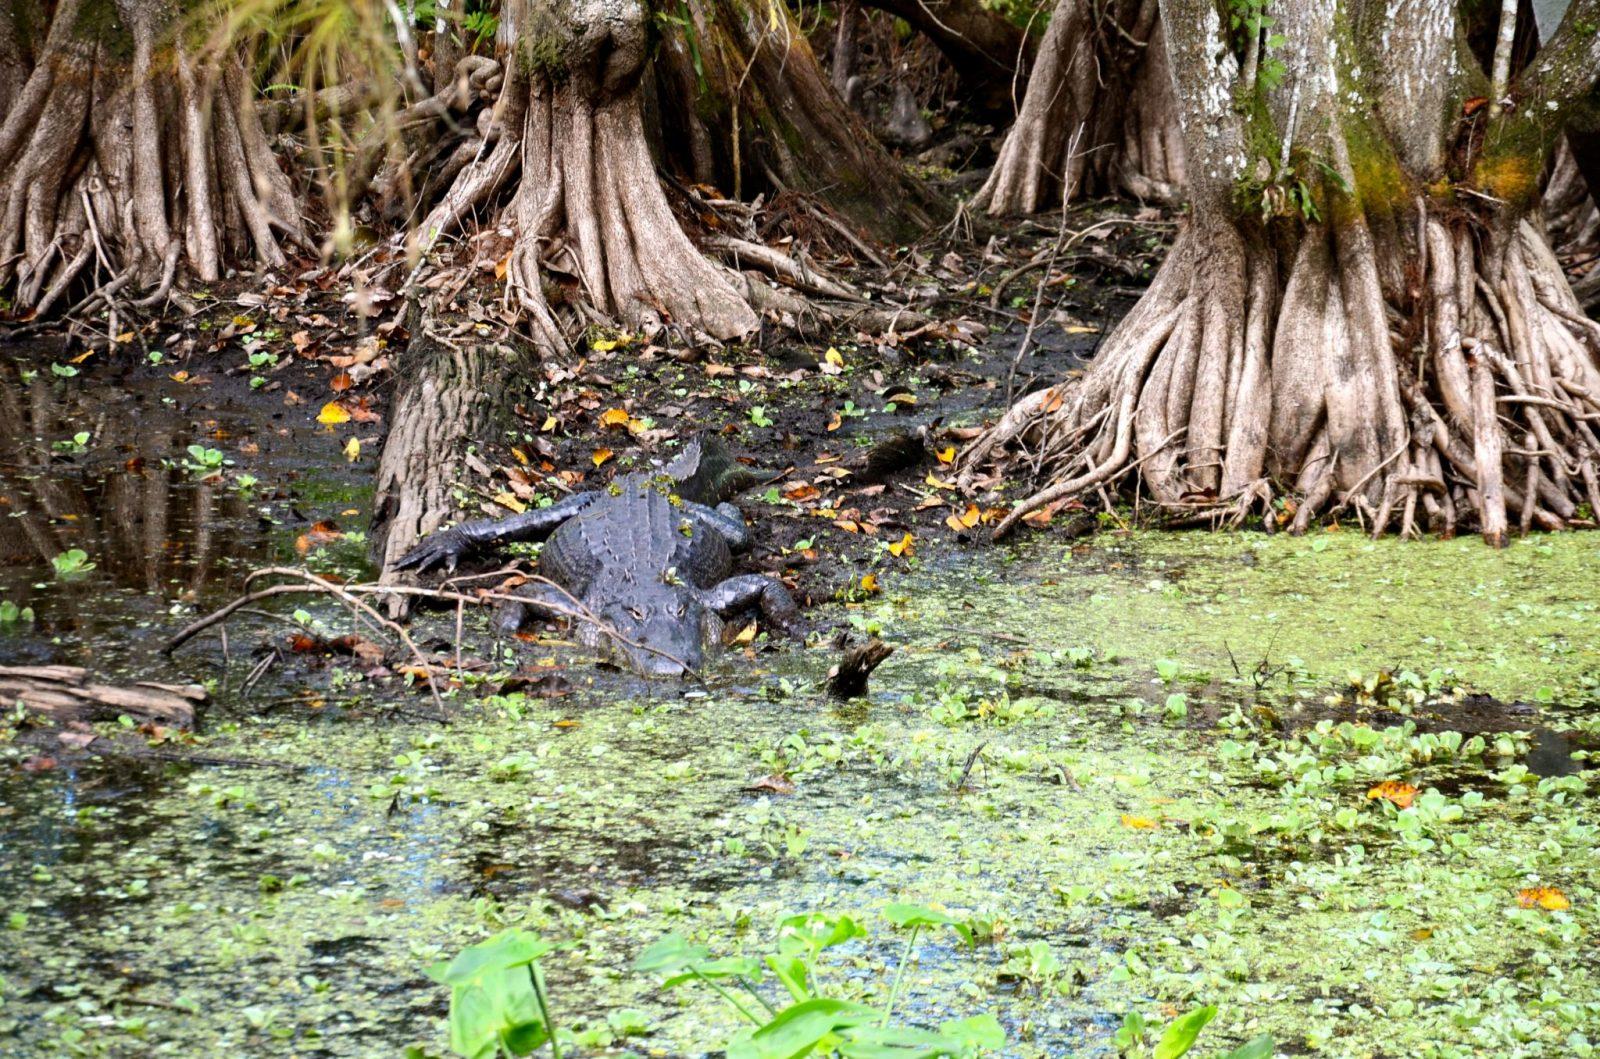 Alligator resting in Corkscrew Swamp Sanctuary in Naples Florida.